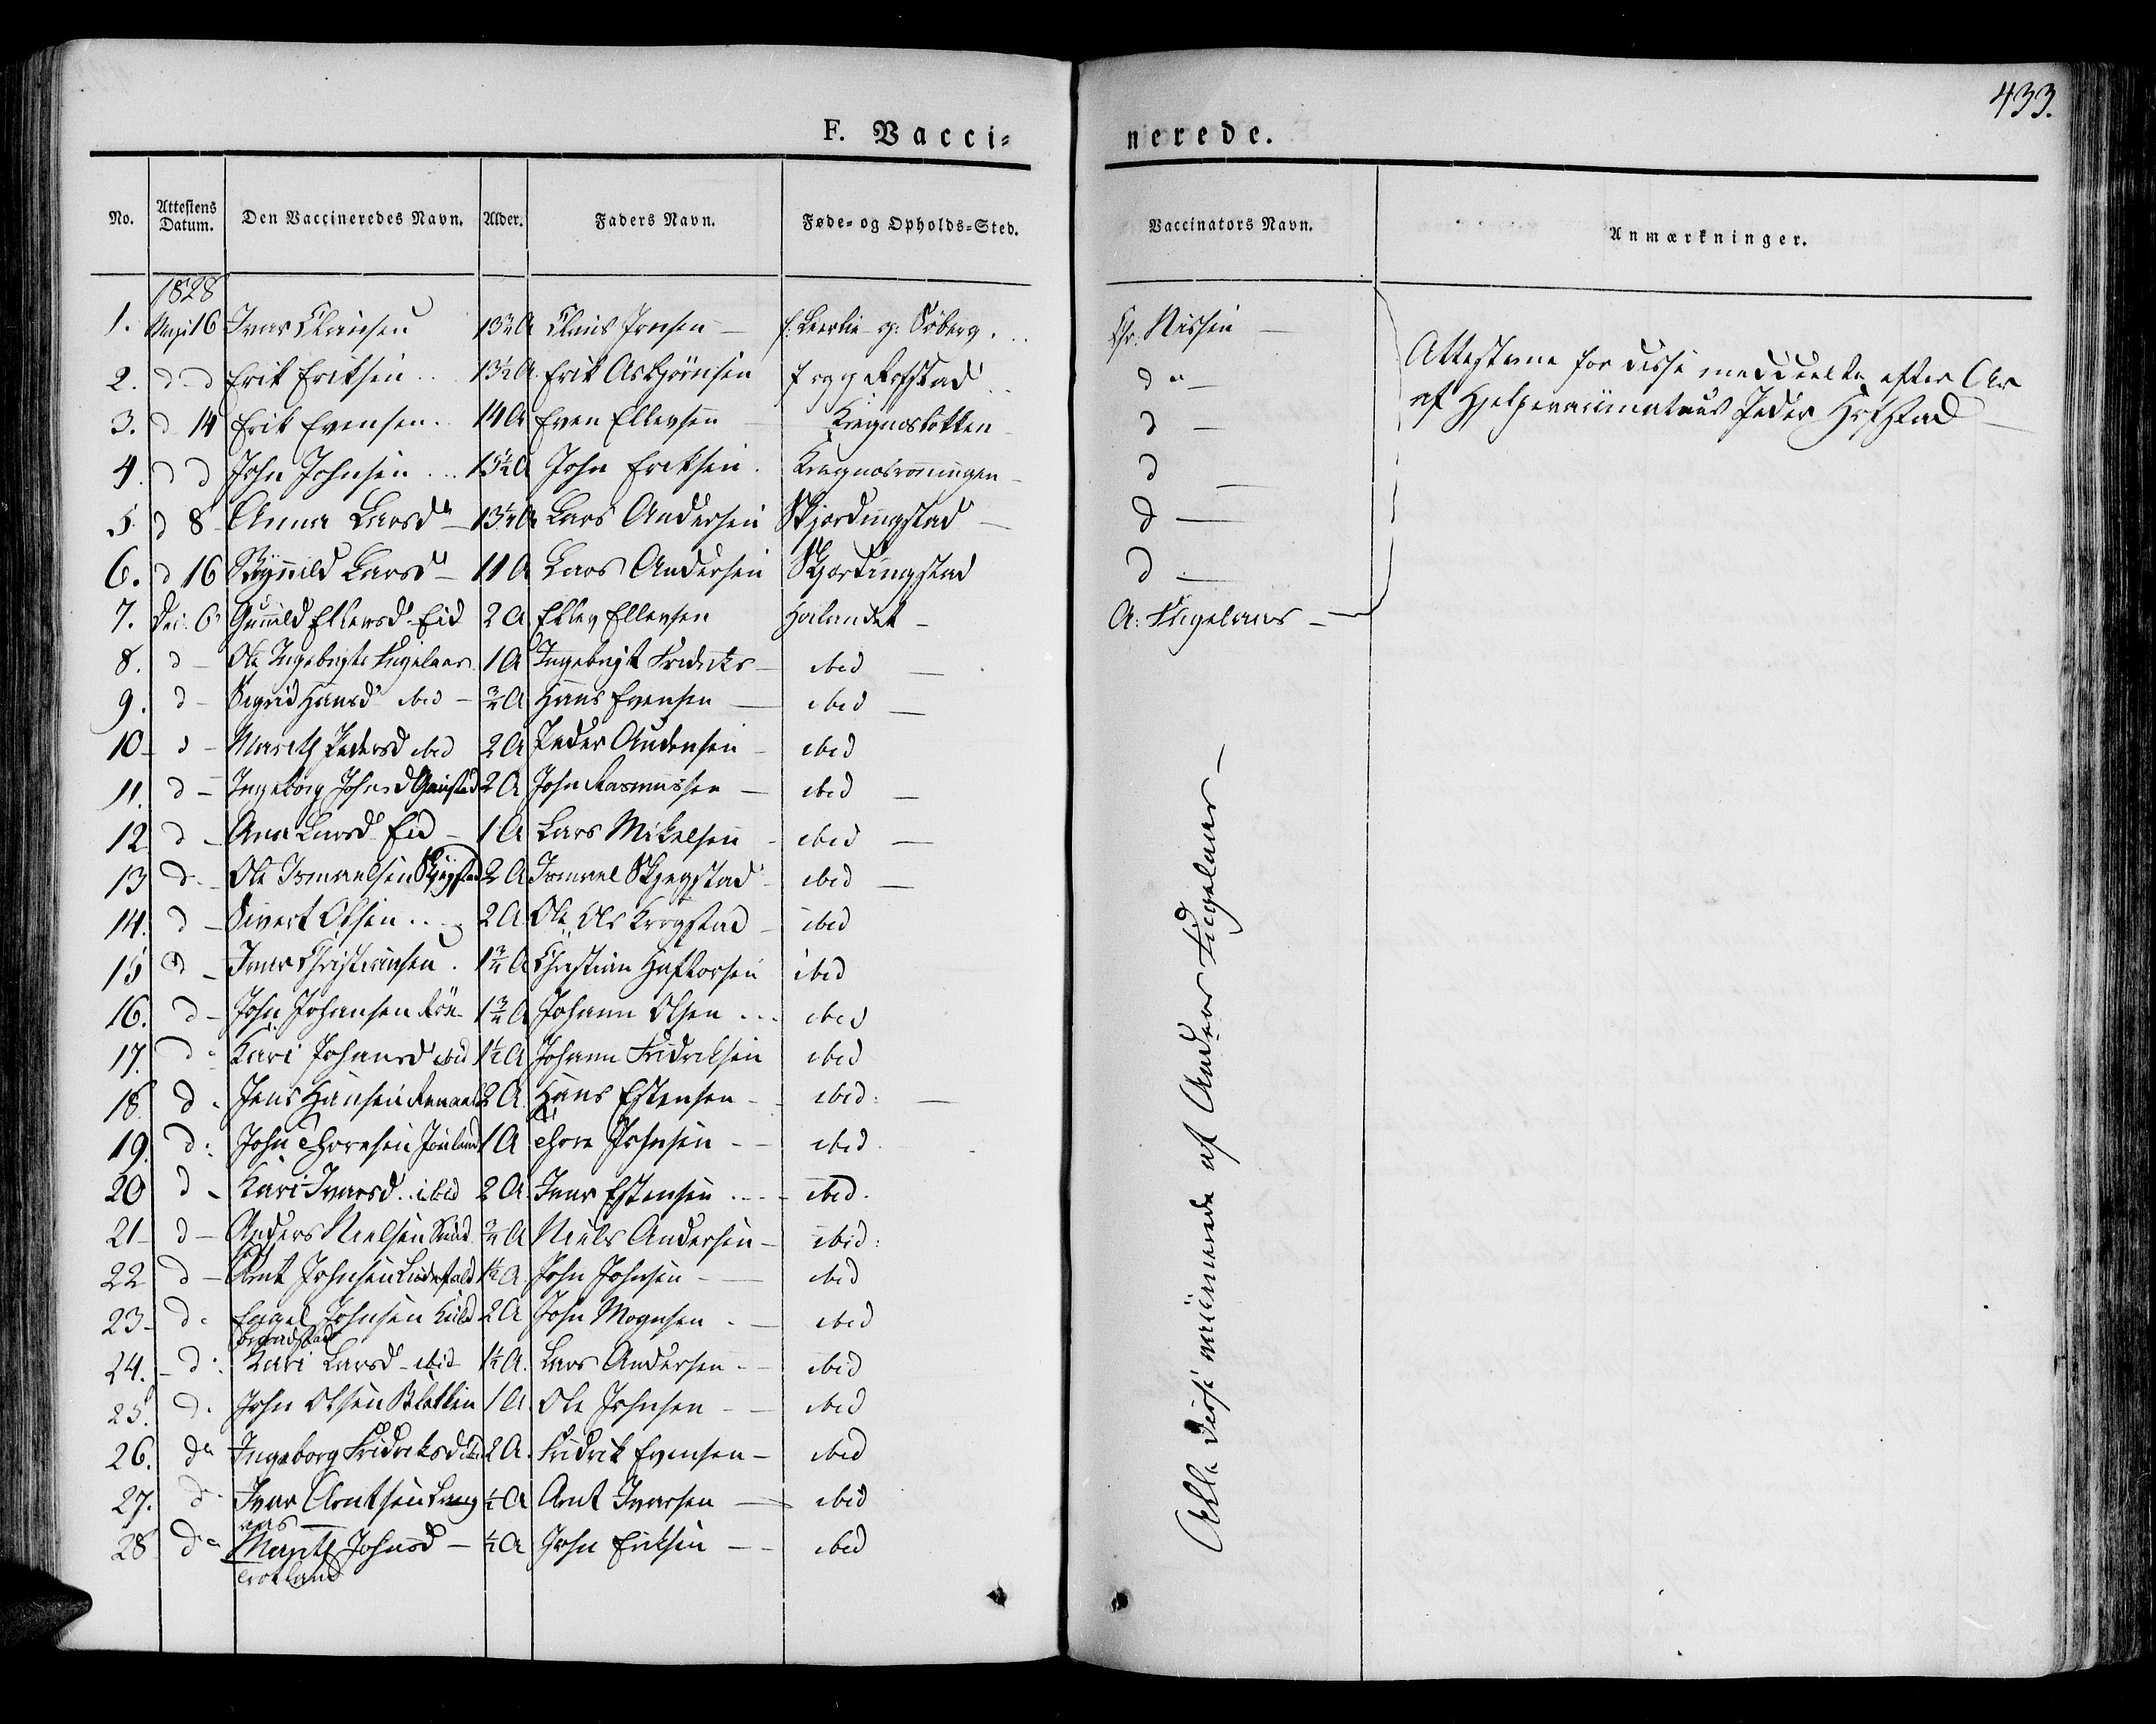 SAT, Ministerialprotokoller, klokkerbøker og fødselsregistre - Sør-Trøndelag, 691/L1070: Ministerialbok nr. 691A05 /1, 1826-1841, s. 433